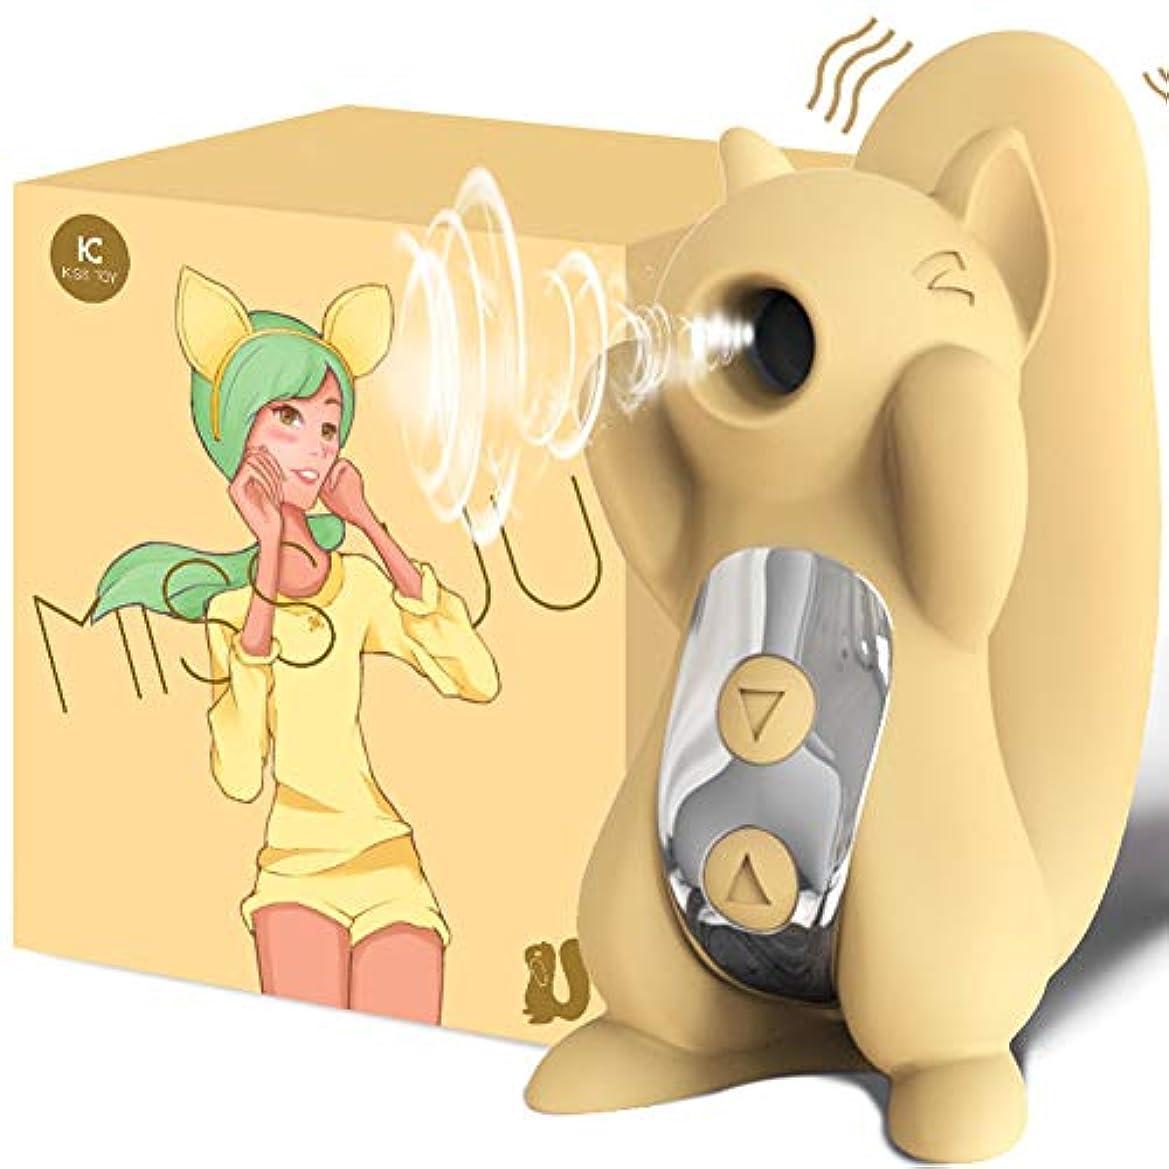 り政令重要Rabugoo 大人のおもちゃ 漫画形状膣吸引バイブレーターオーラルセックス吸引クリトリス刺激女性エロティックおもちゃ 黄